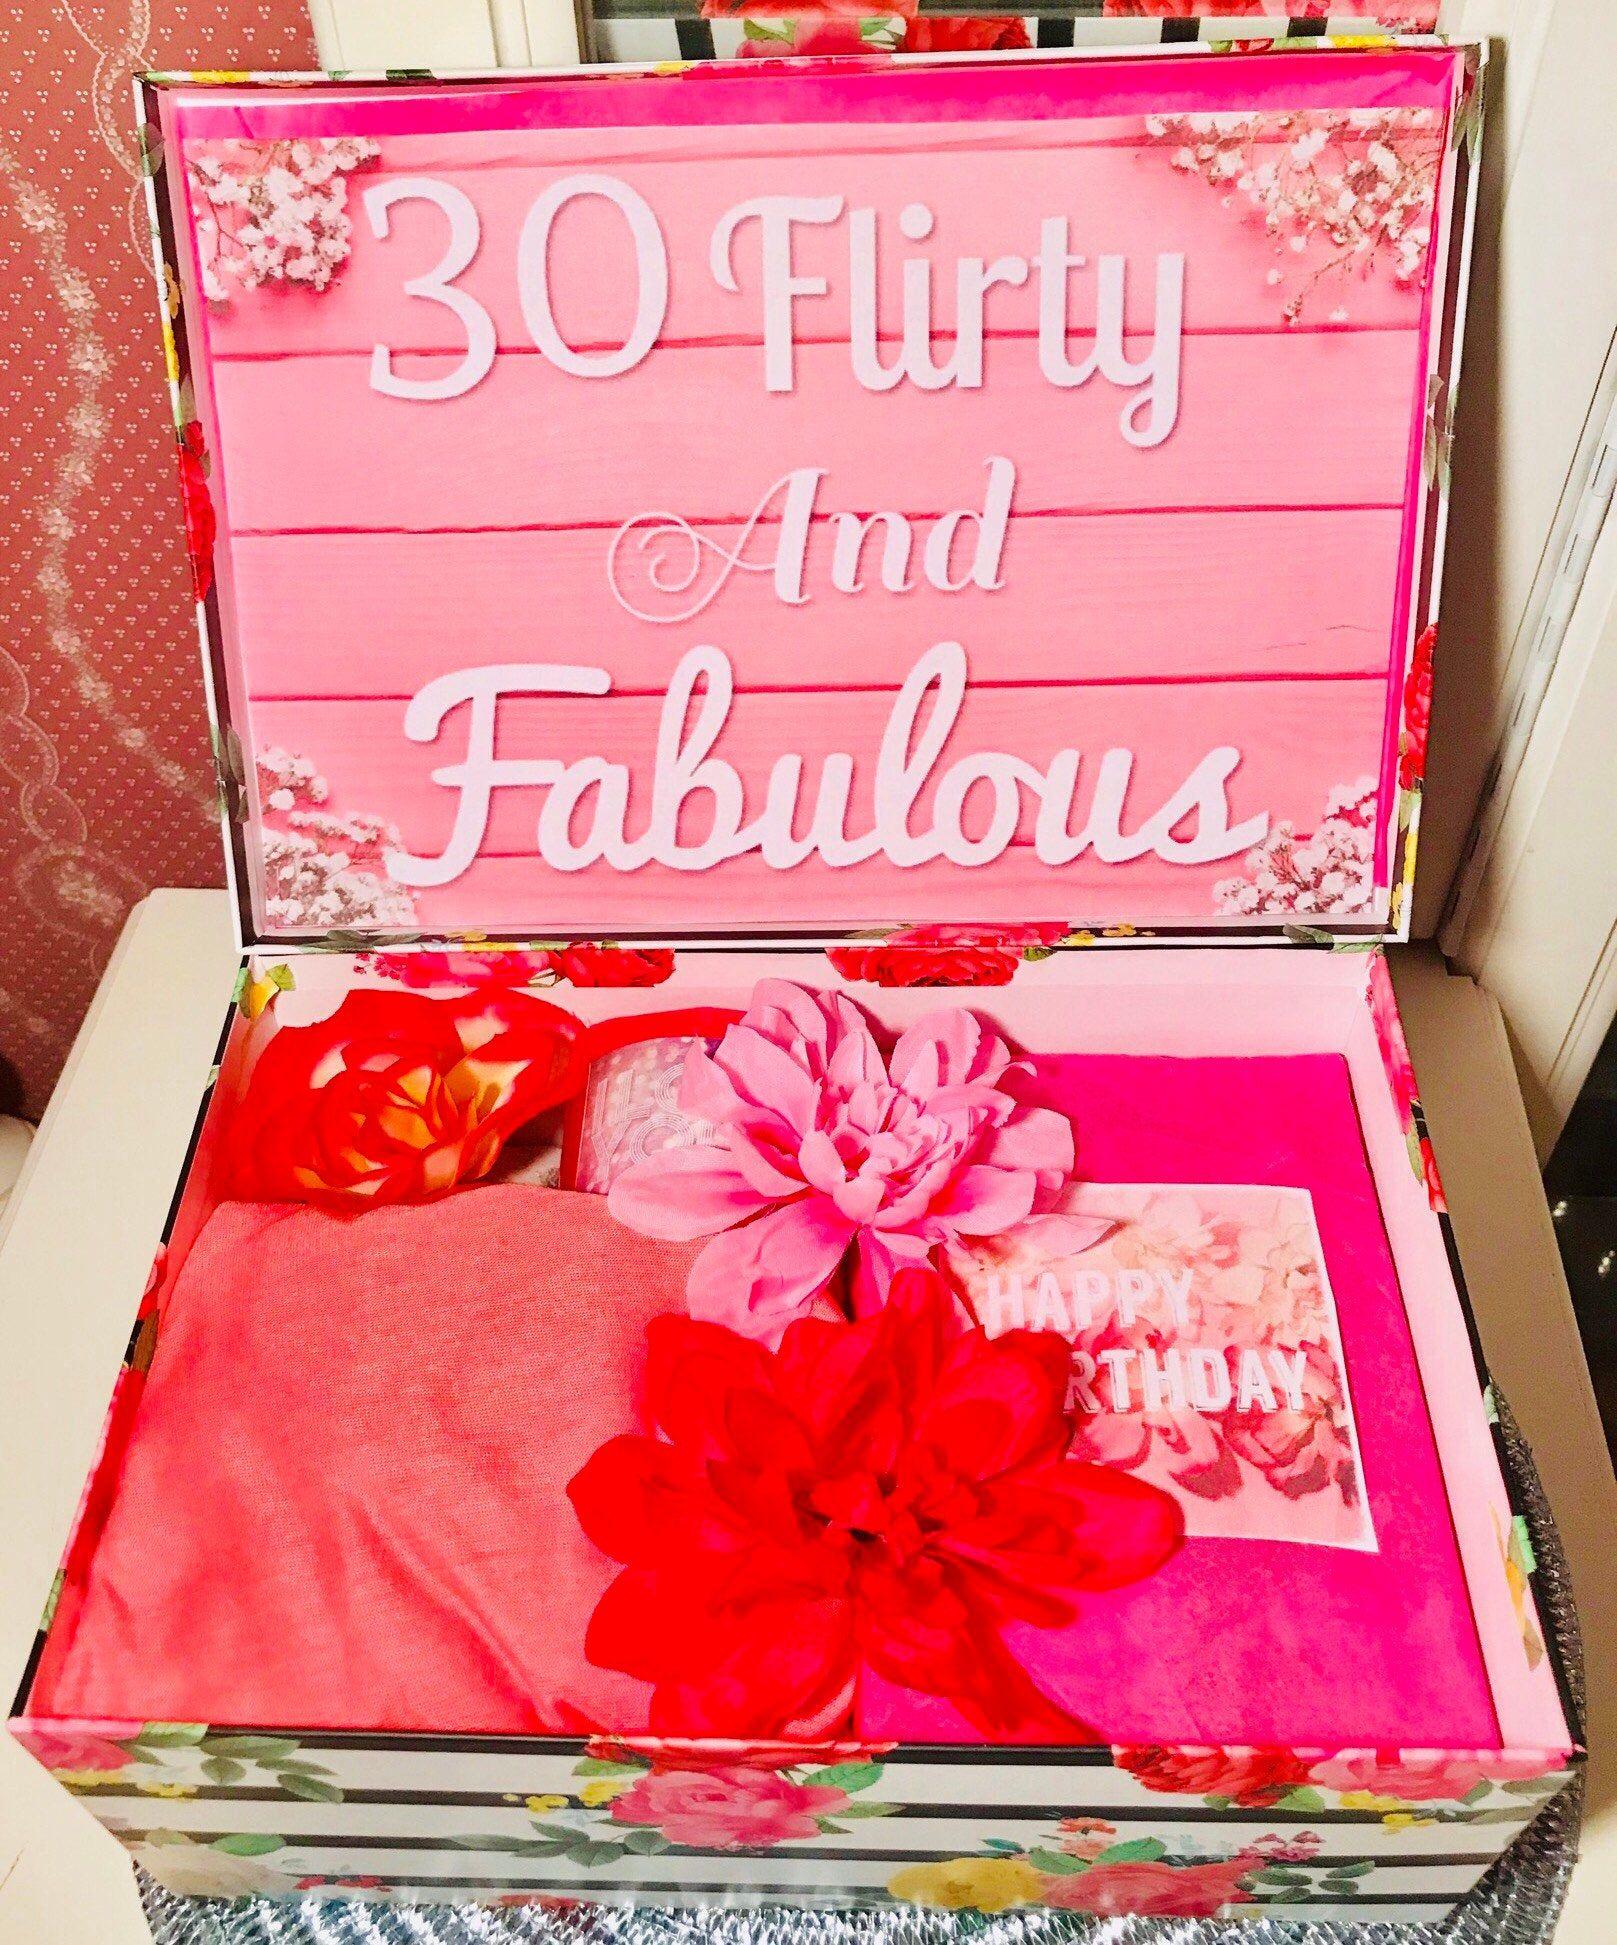 30 flirty and fabulous youarebeautifulbox 30th birthday